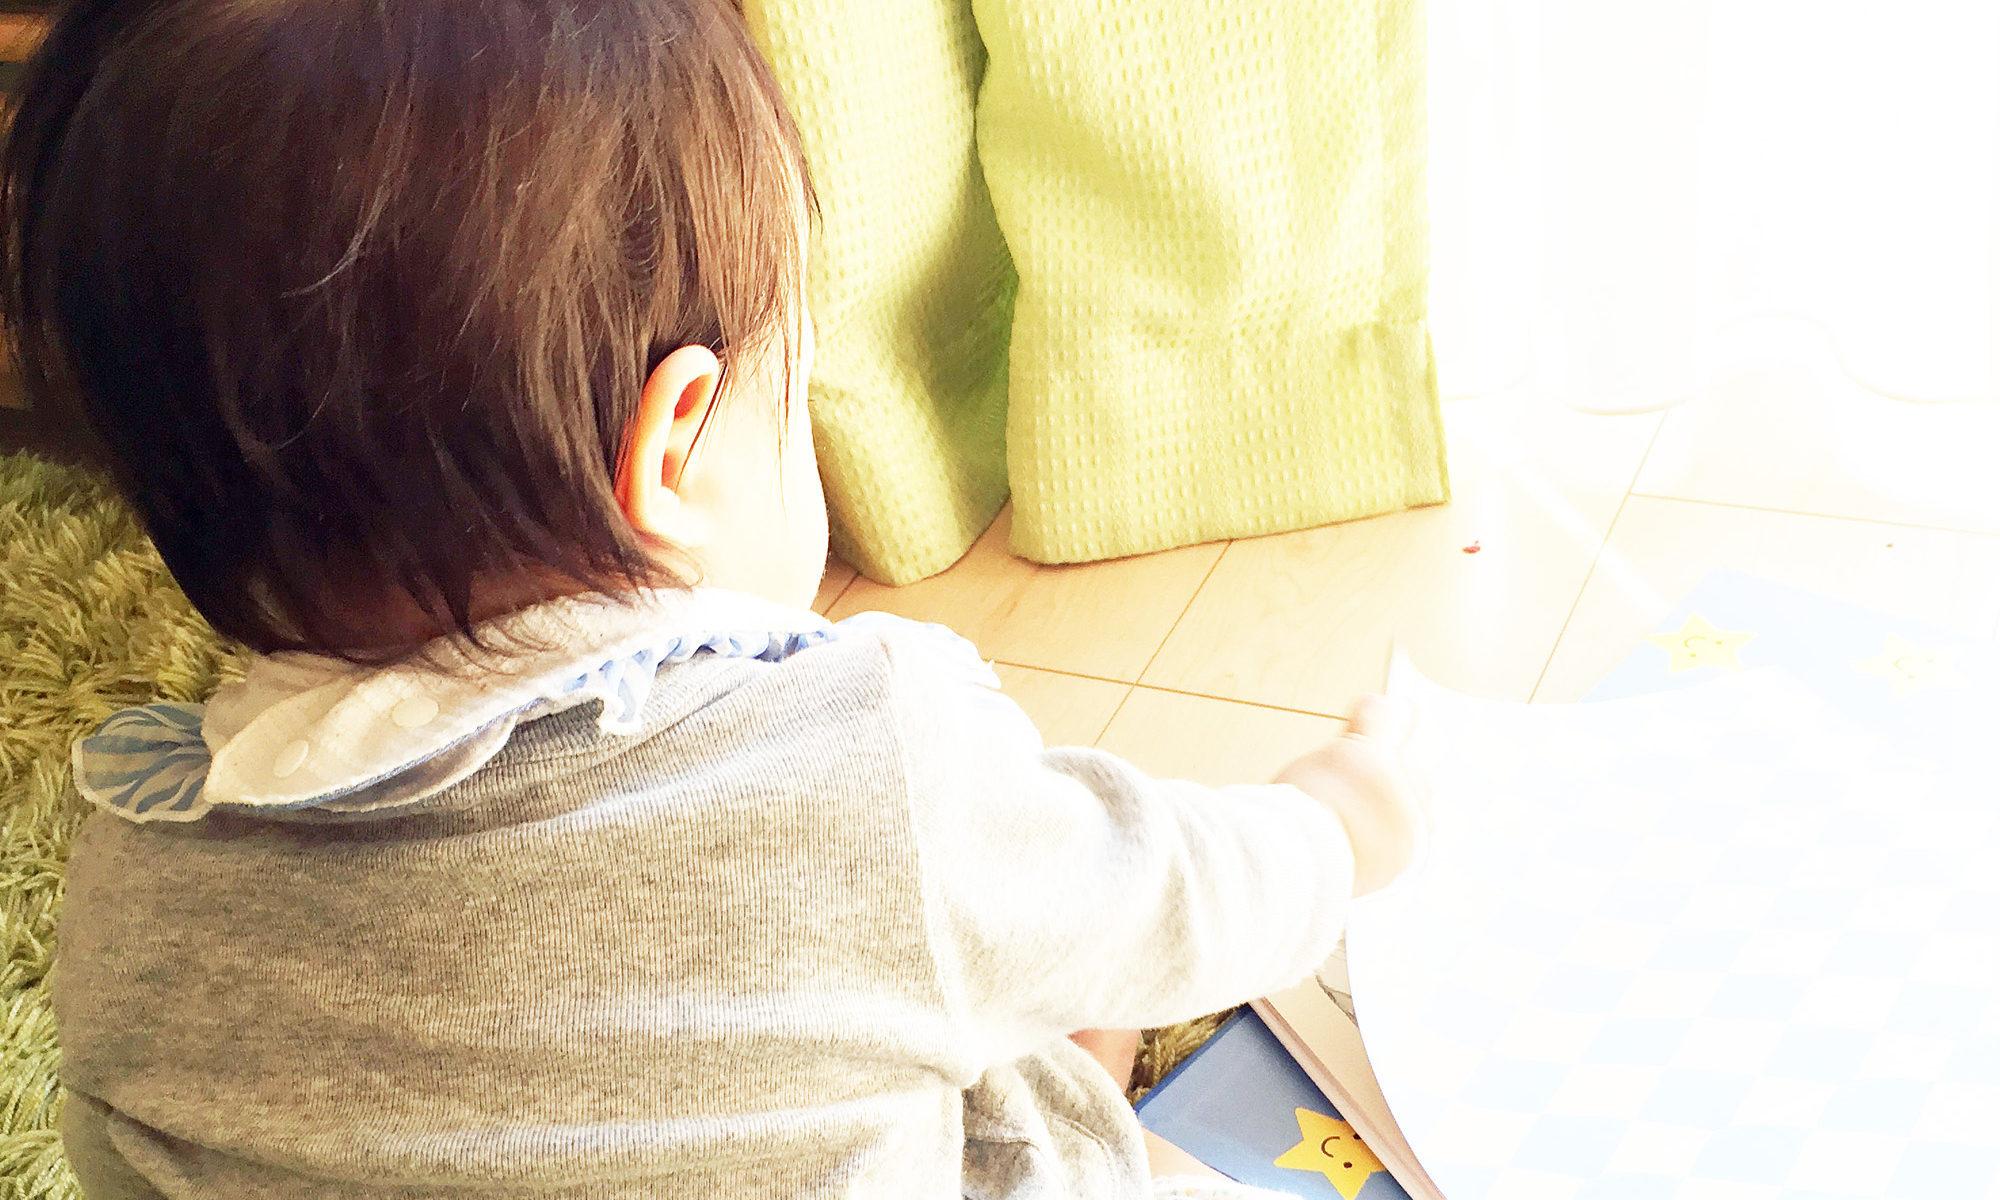 Family Talk ーママ・パパ・ベビー/キッズの時間ー